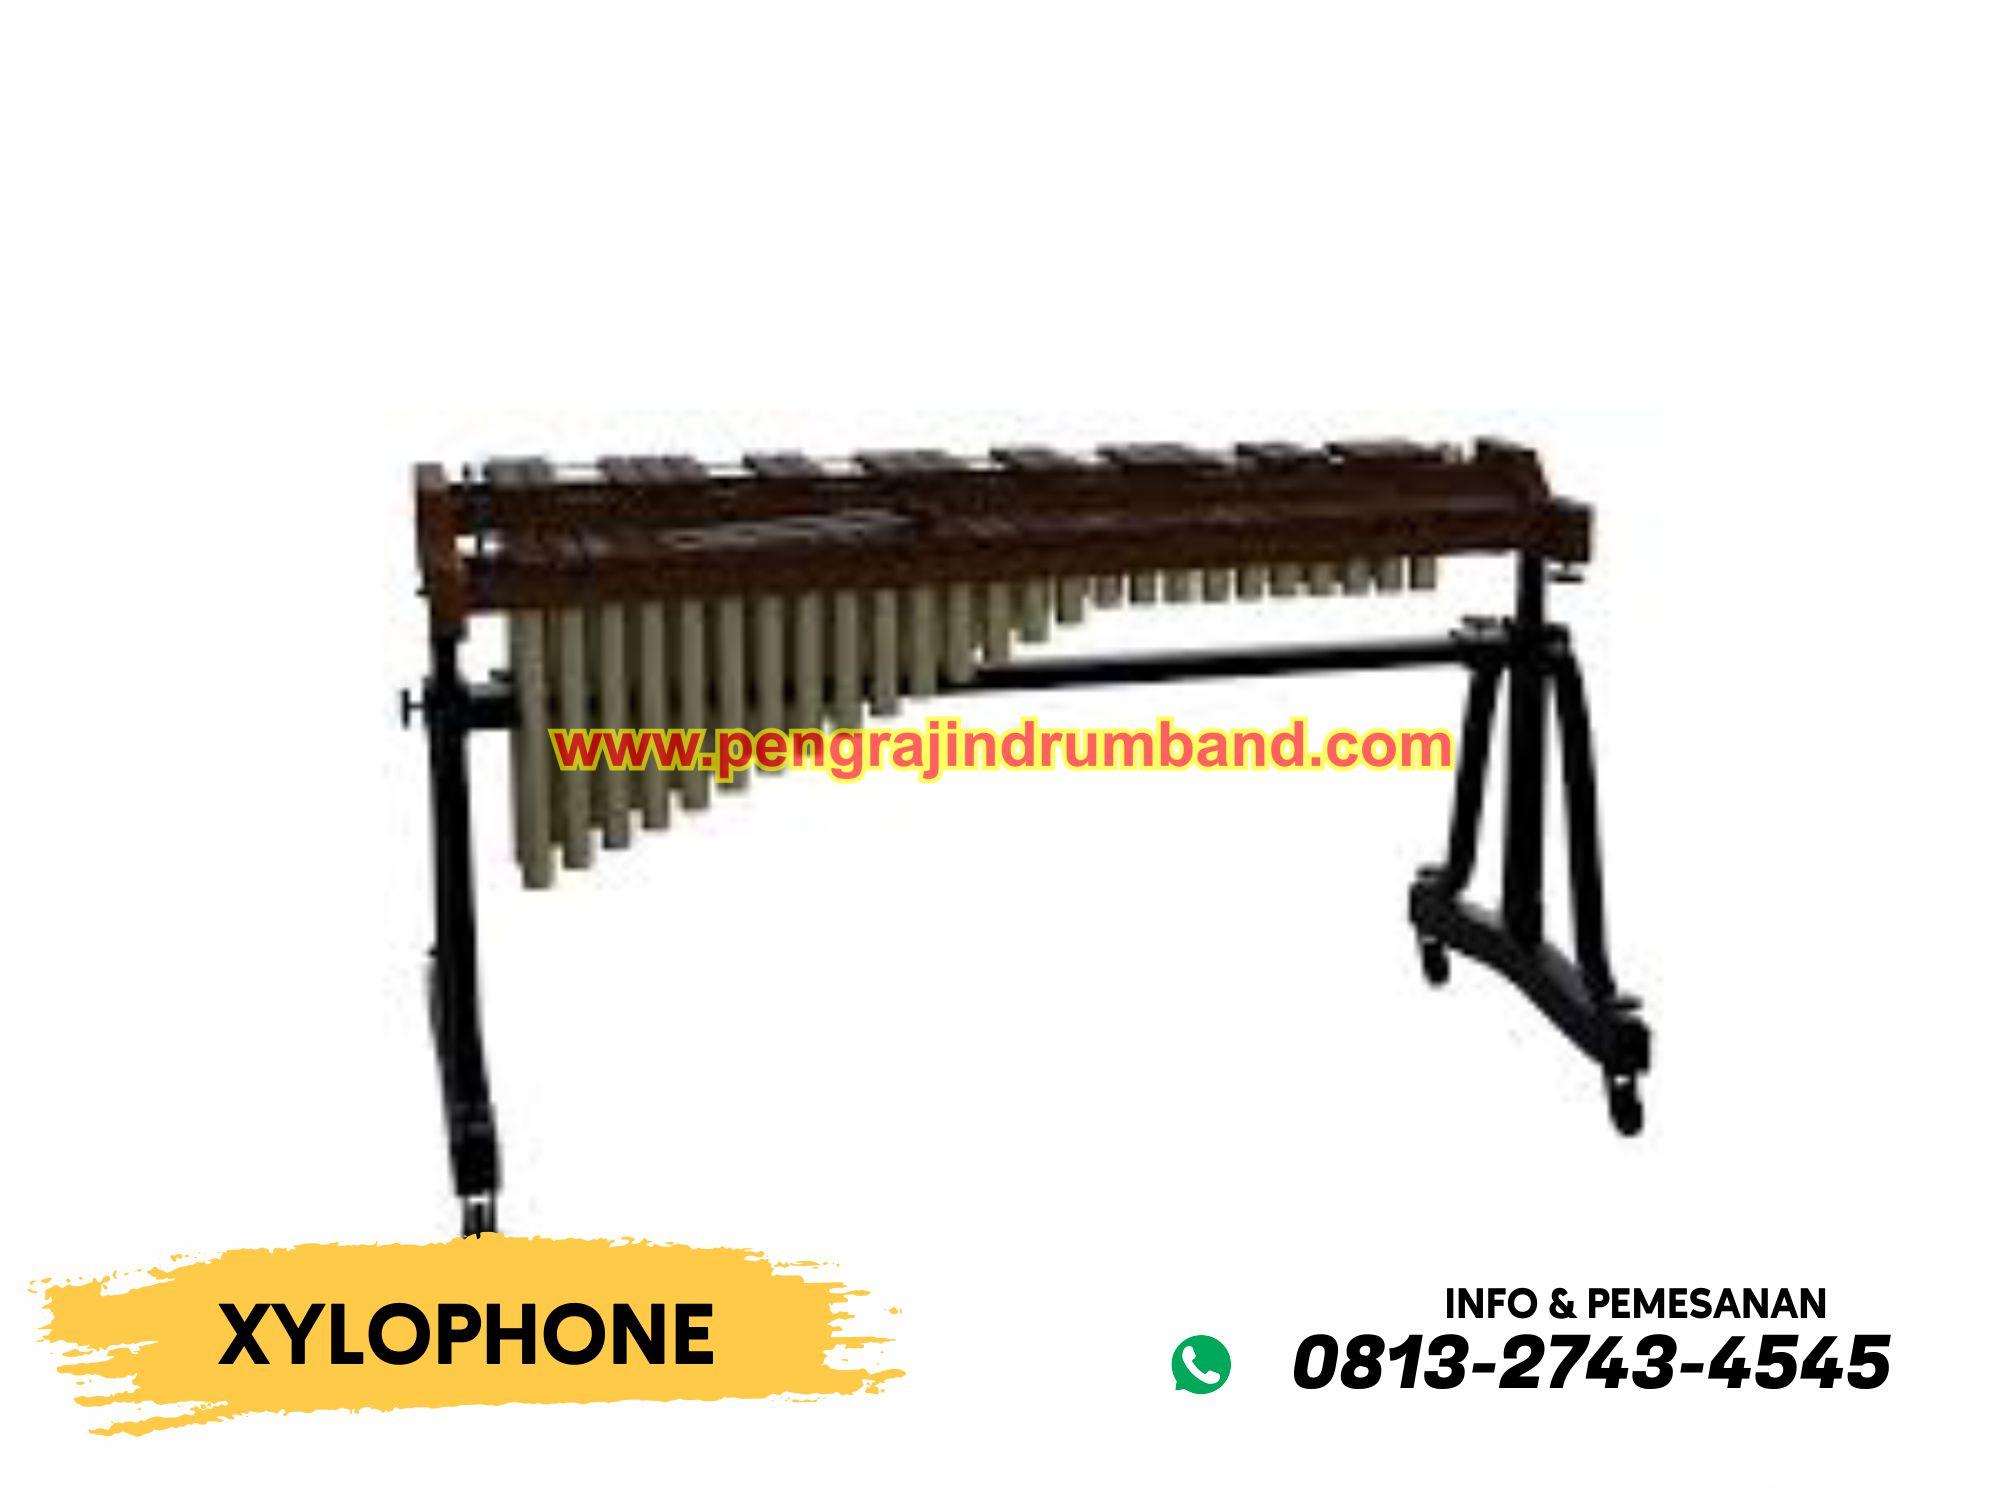 jual drumband